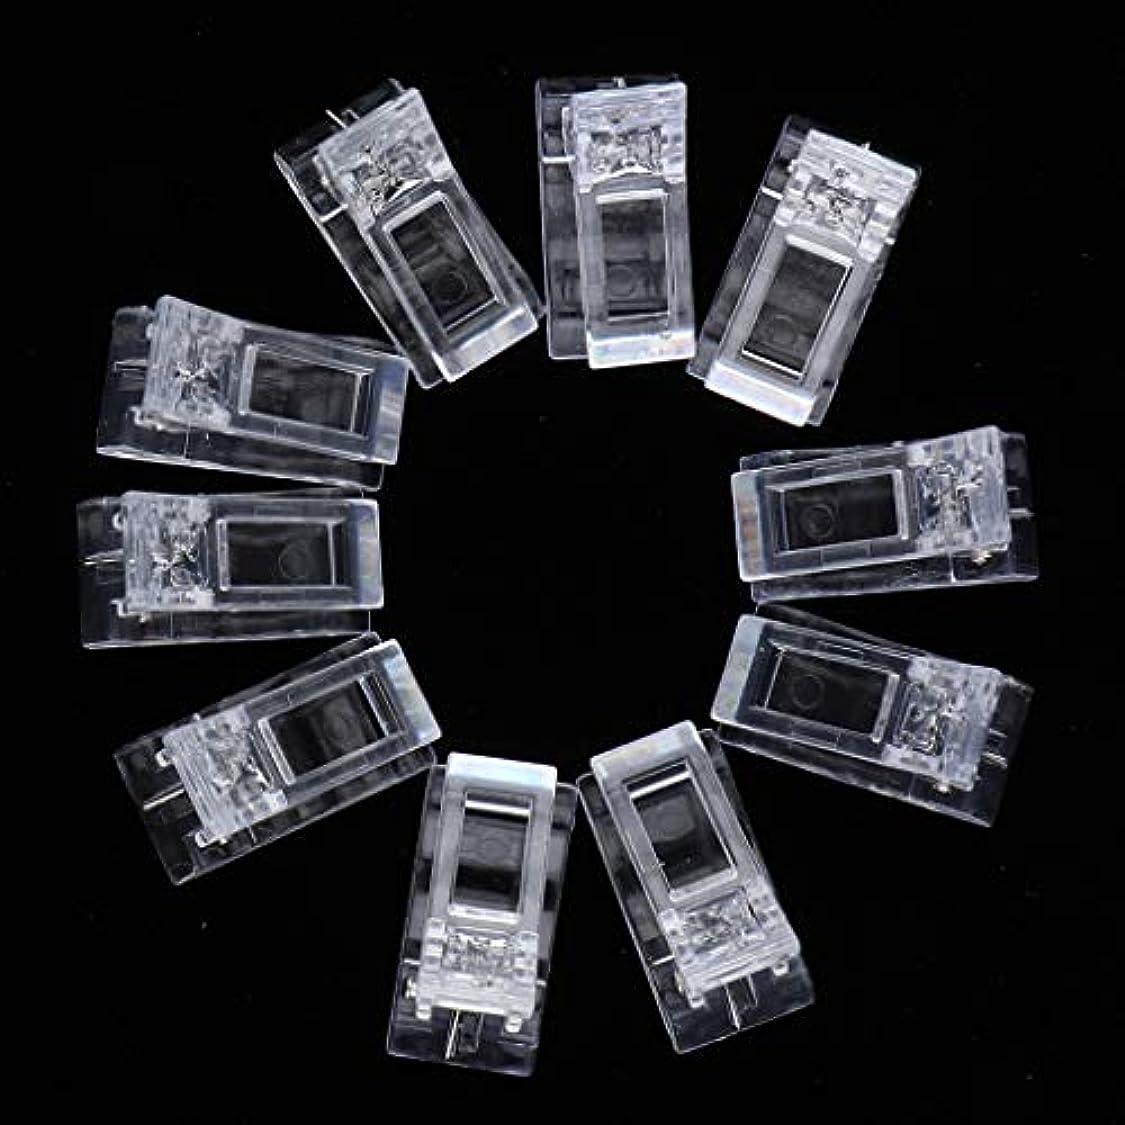 10倍ポリゲルクイックビルディングネイルチップクリップフィンガーUV LEDプラスチックネイルツール